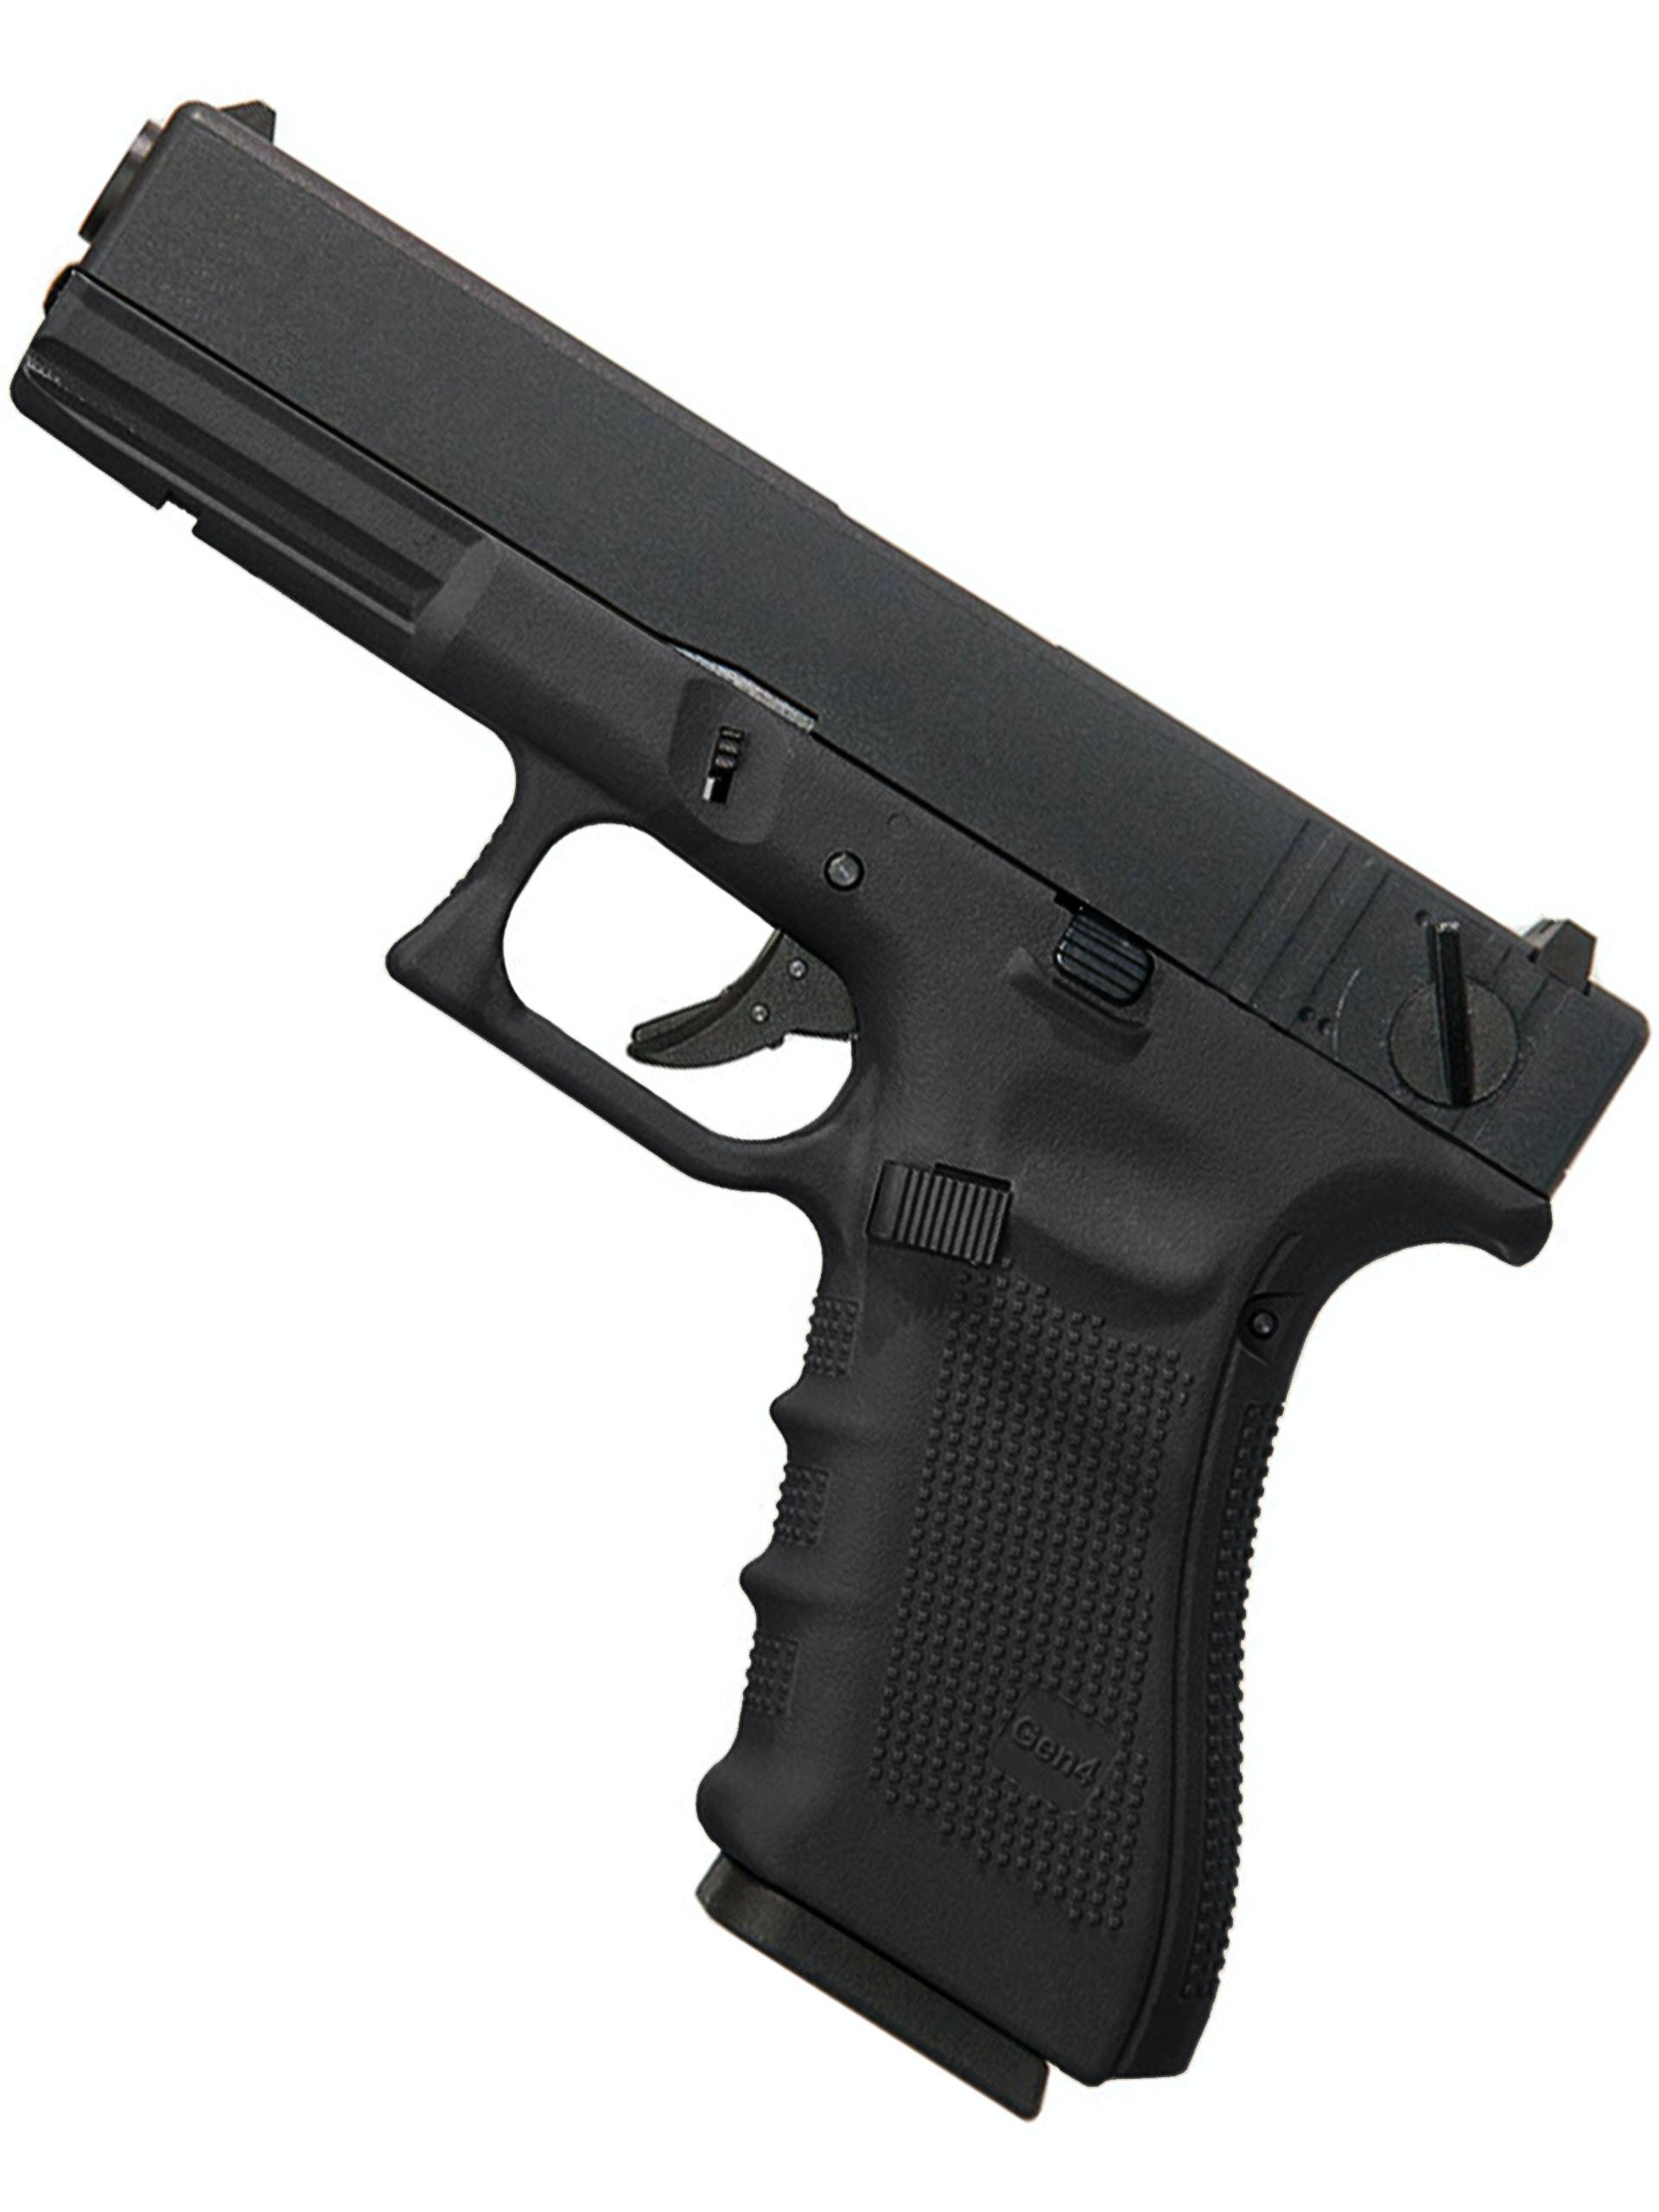 WE Europe G-Series G18c Gen4 Gas Airsoft Pistol